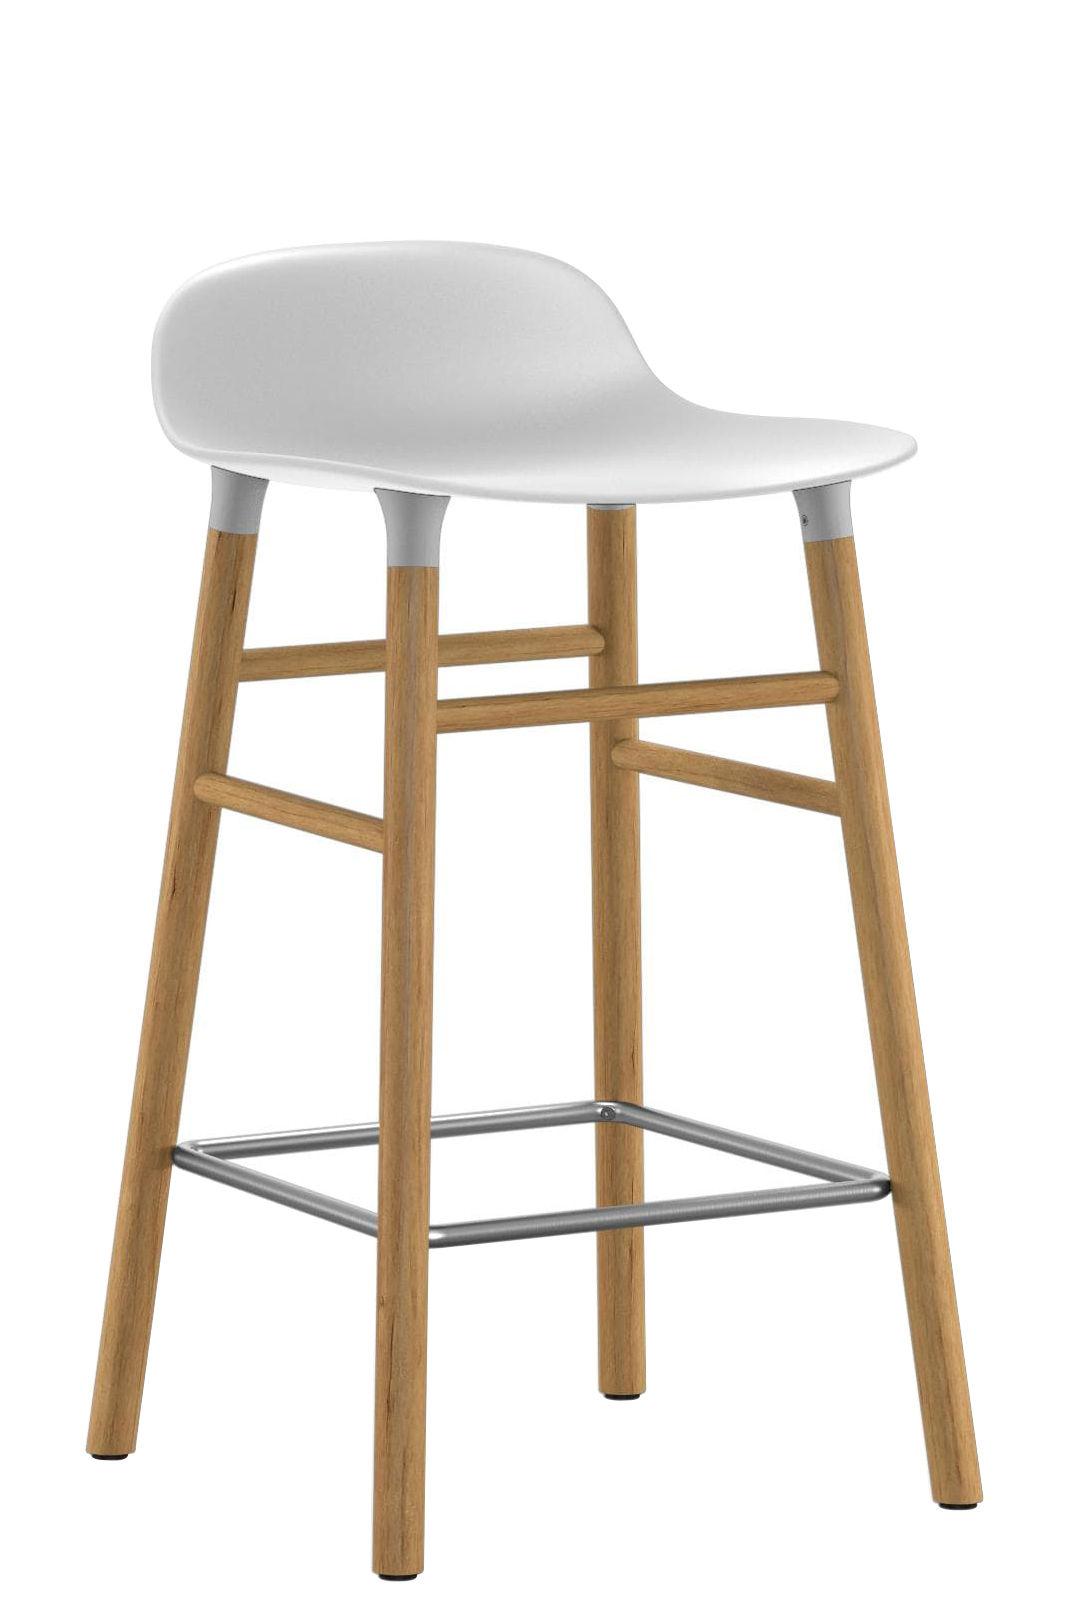 Möbel - Barhocker - Form Barhocker / H 65 cm - Stuhlbeine Eiche - Normann Copenhagen - Weiß / Eiche - Eiche, Polypropylen